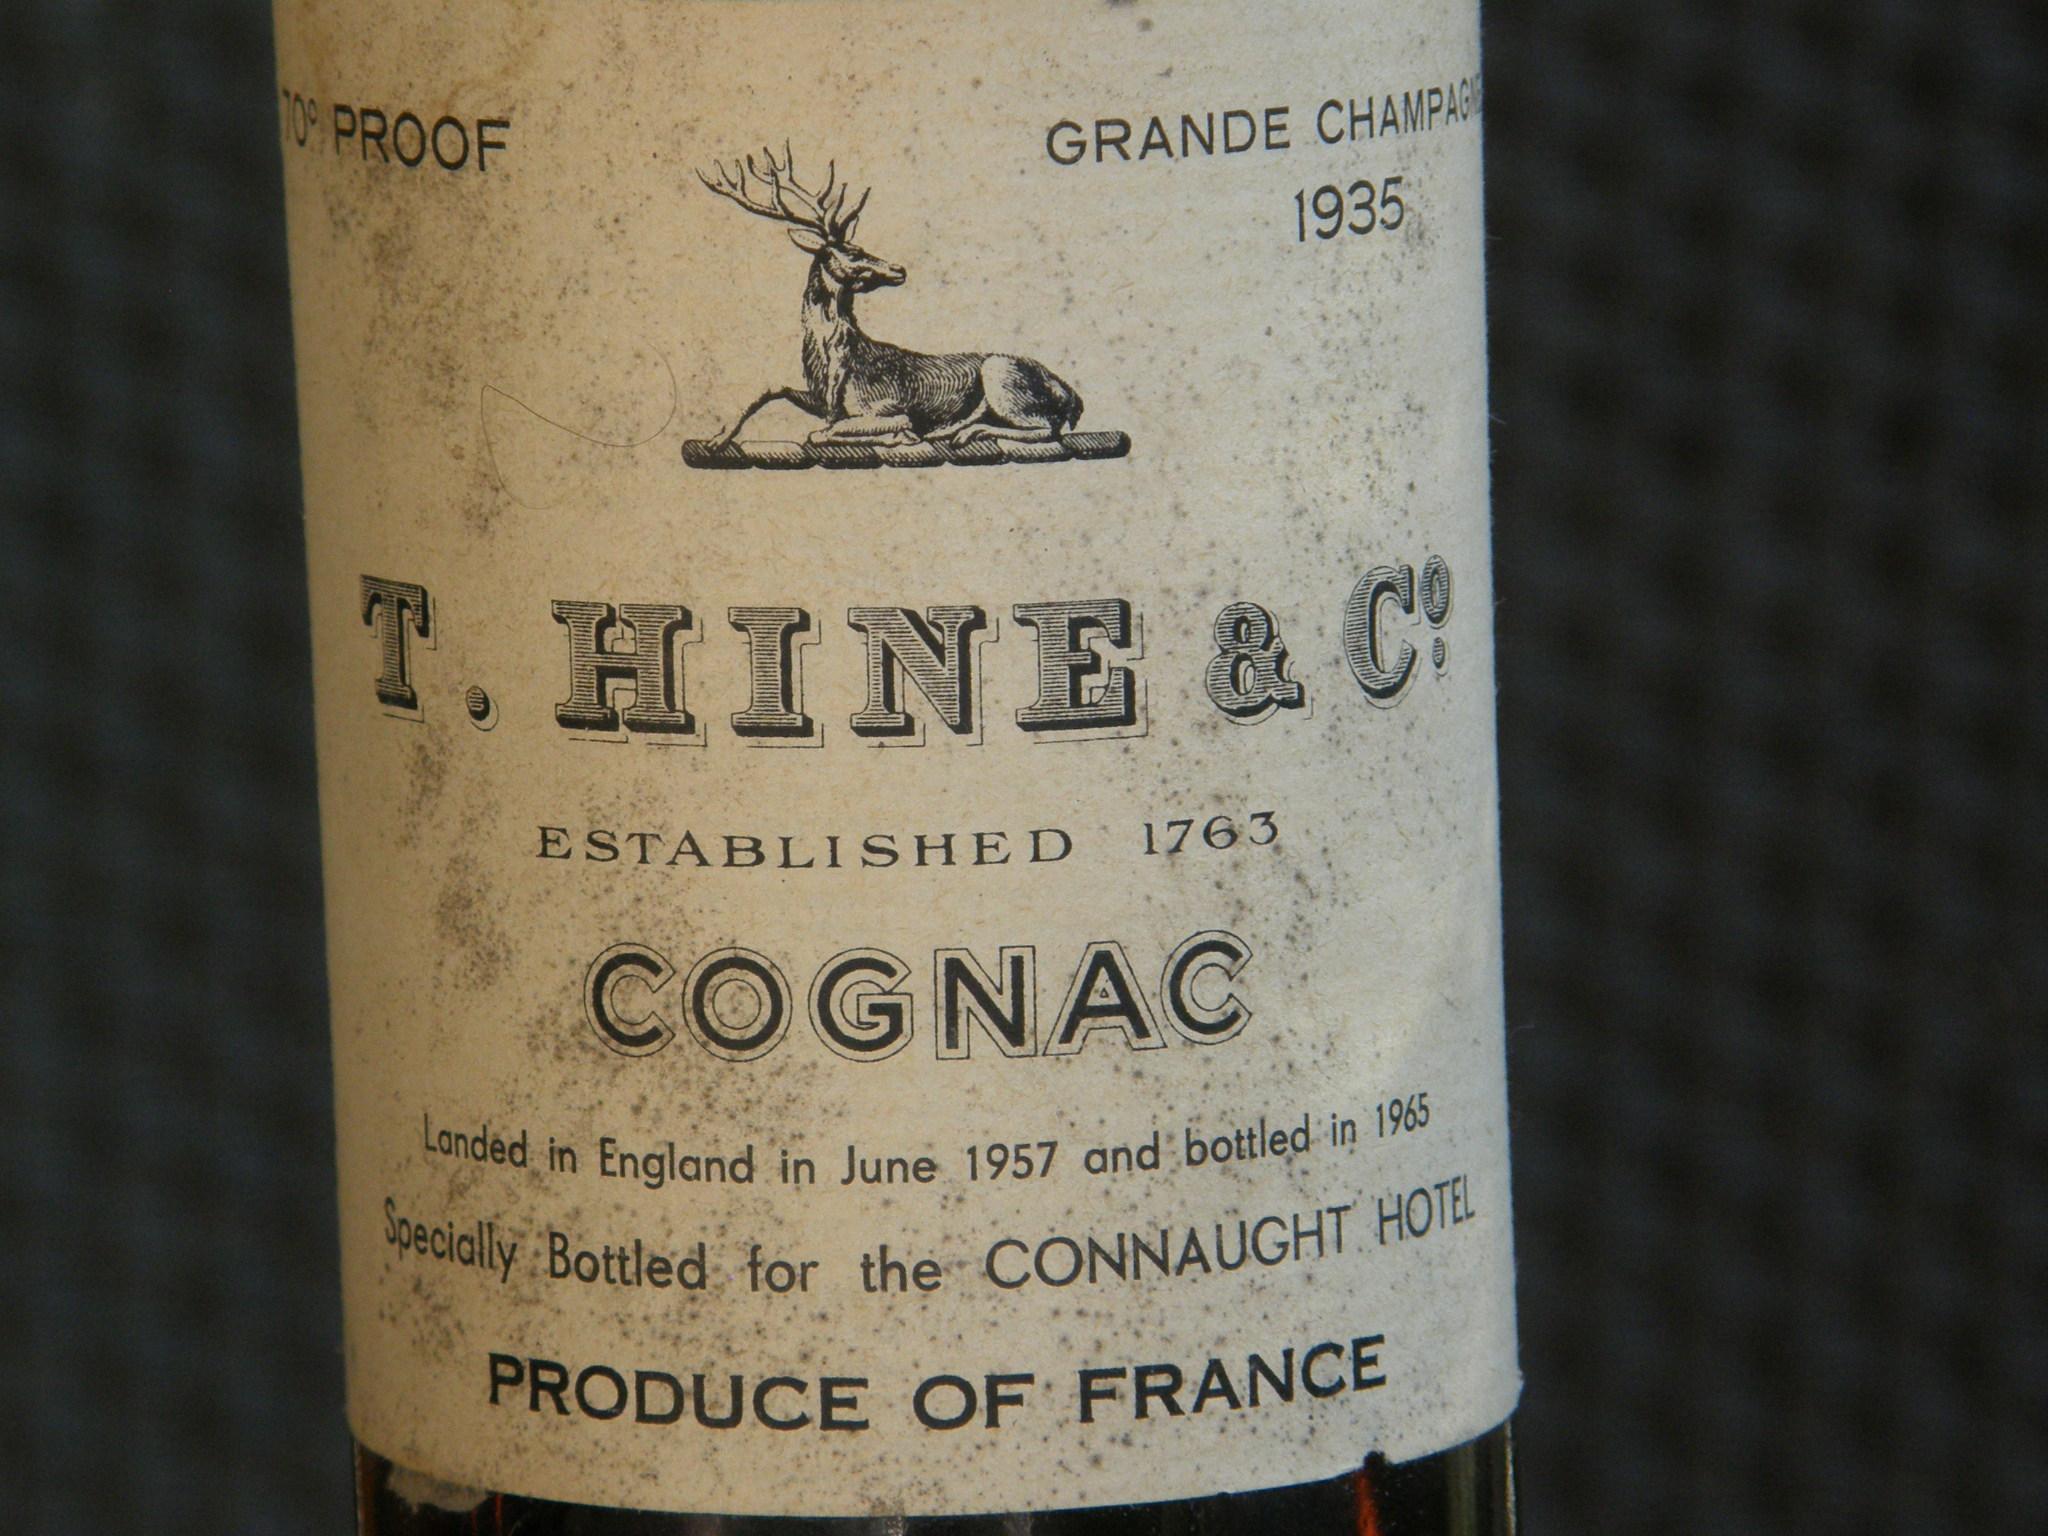 Hine Grande Champagne 1935